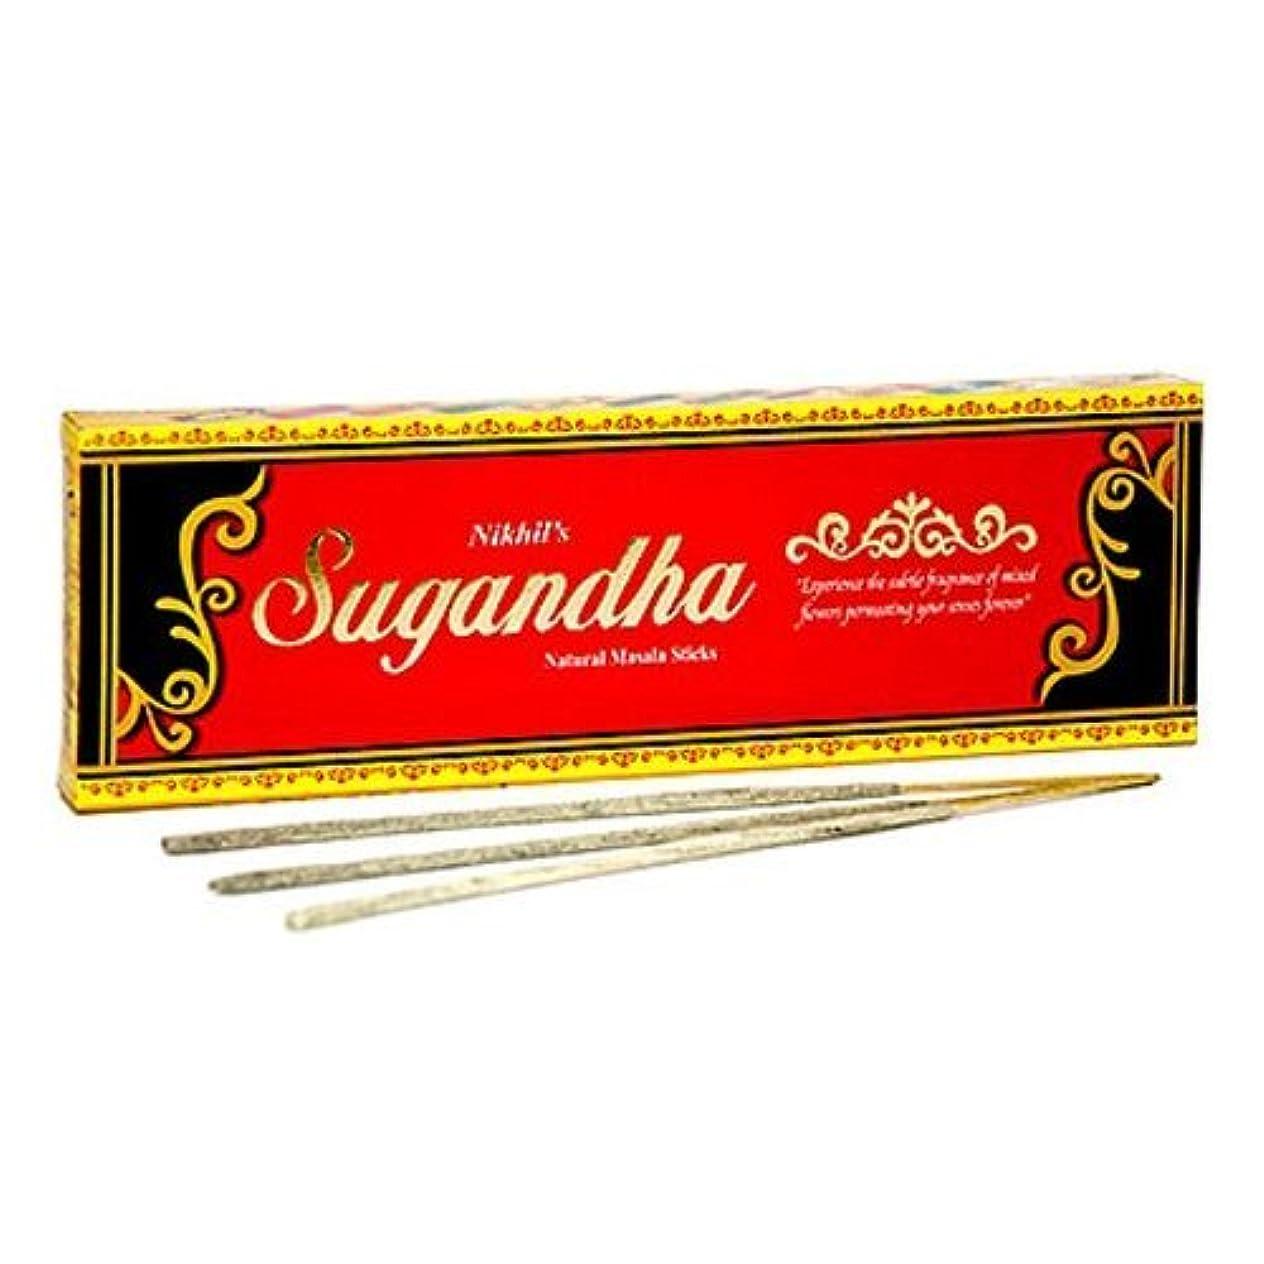 尽きる切り刻む他のバンドでNikhil Sugandha Natural Incense - 2 Packs, 50 Grammes per Pack